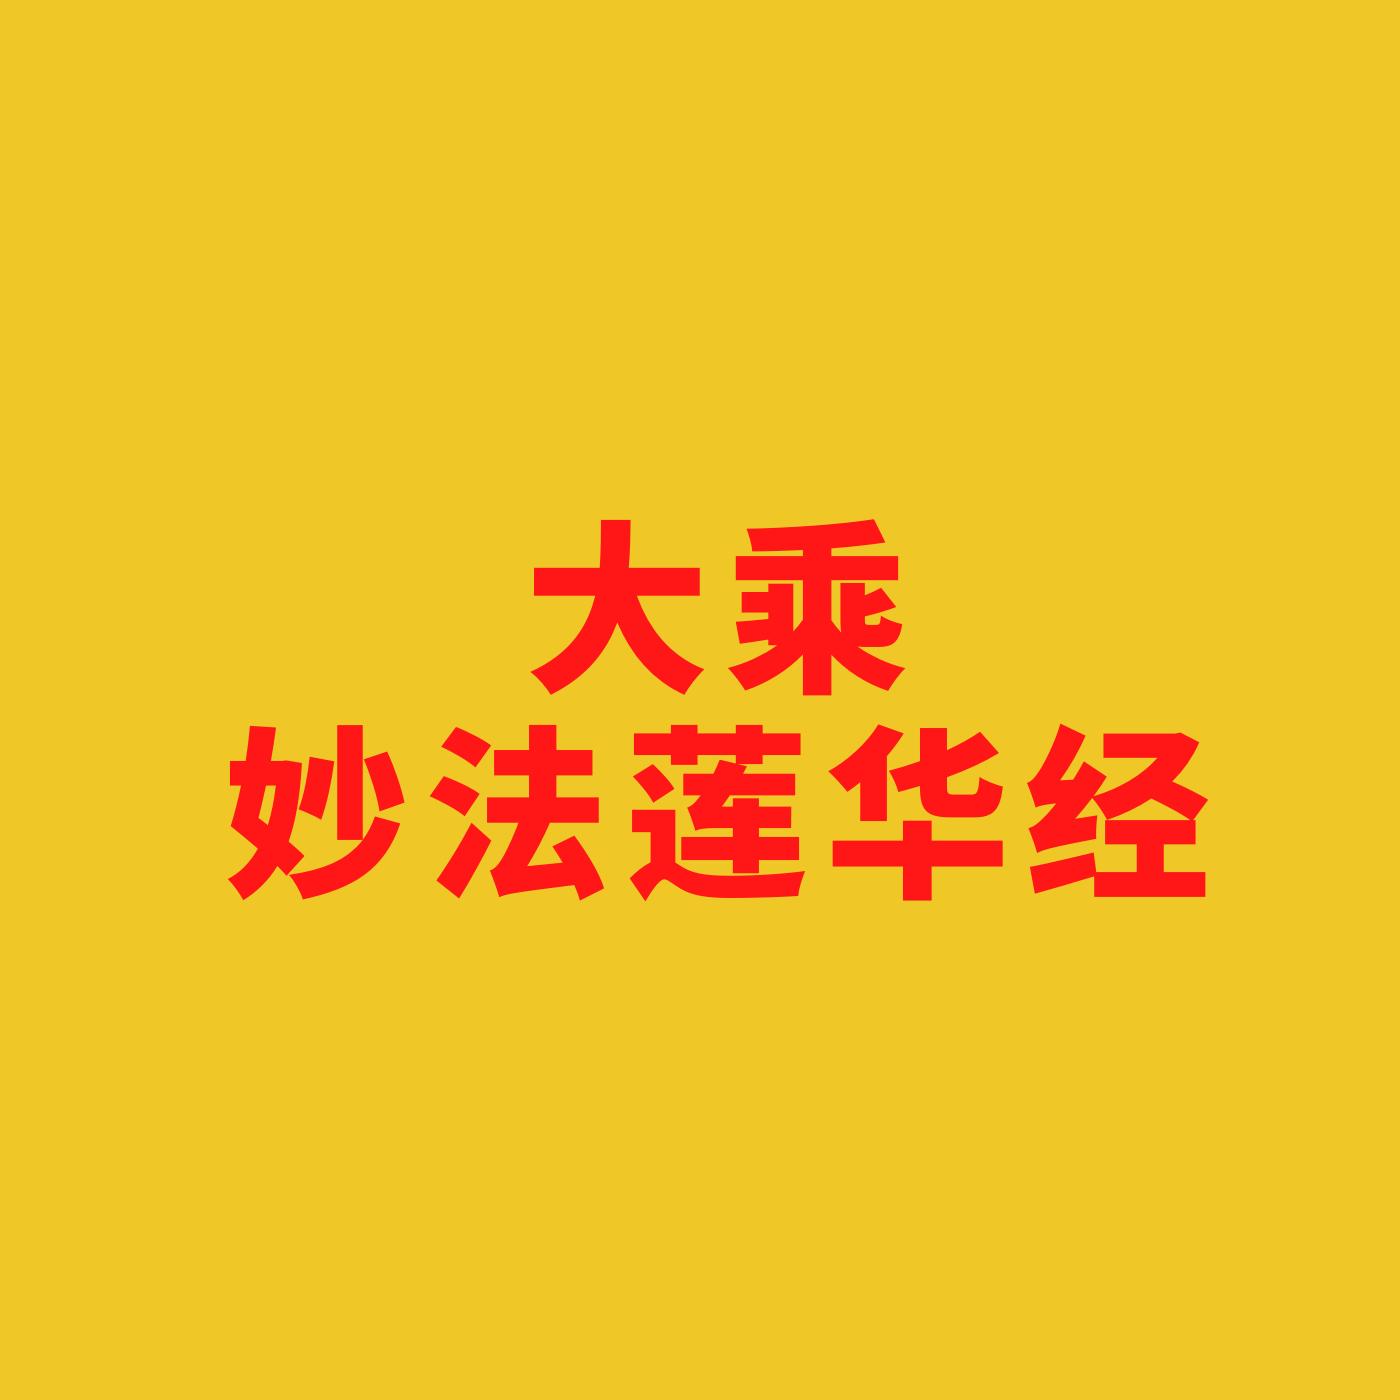 大乘妙法莲华经 原经文 无配乐版